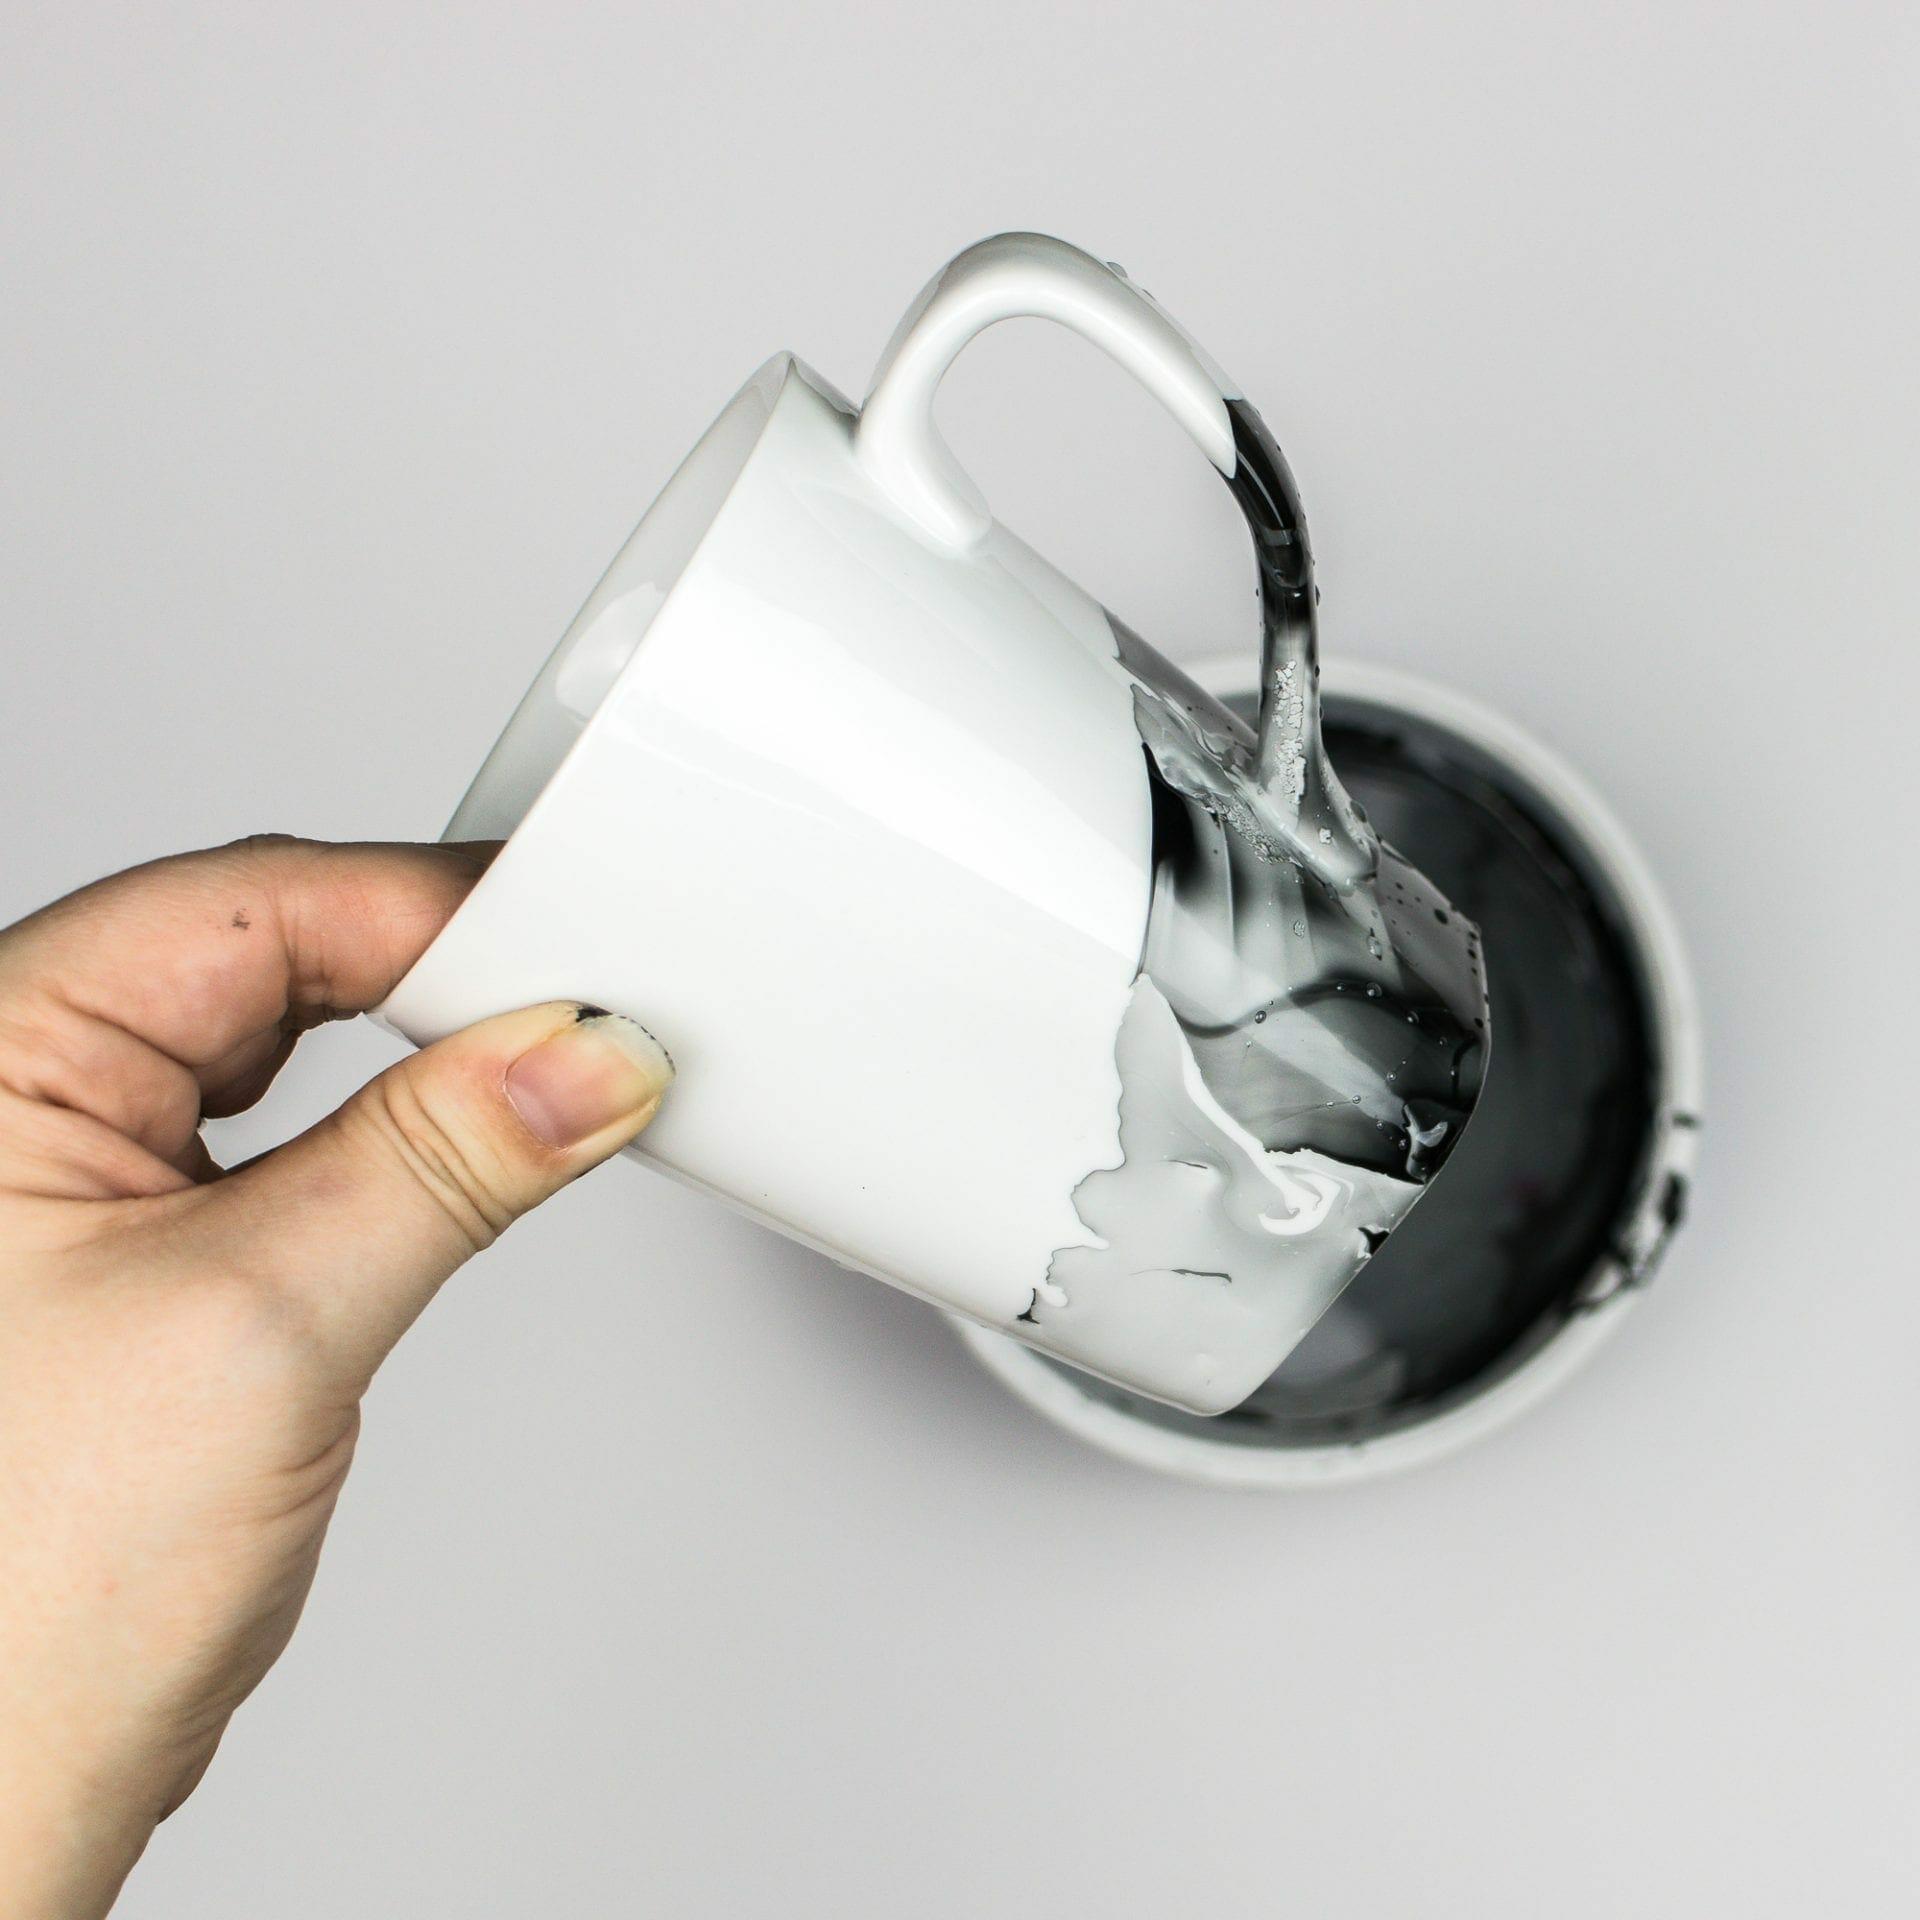 How To Diy Marble Mugs Using Nail Polish Water